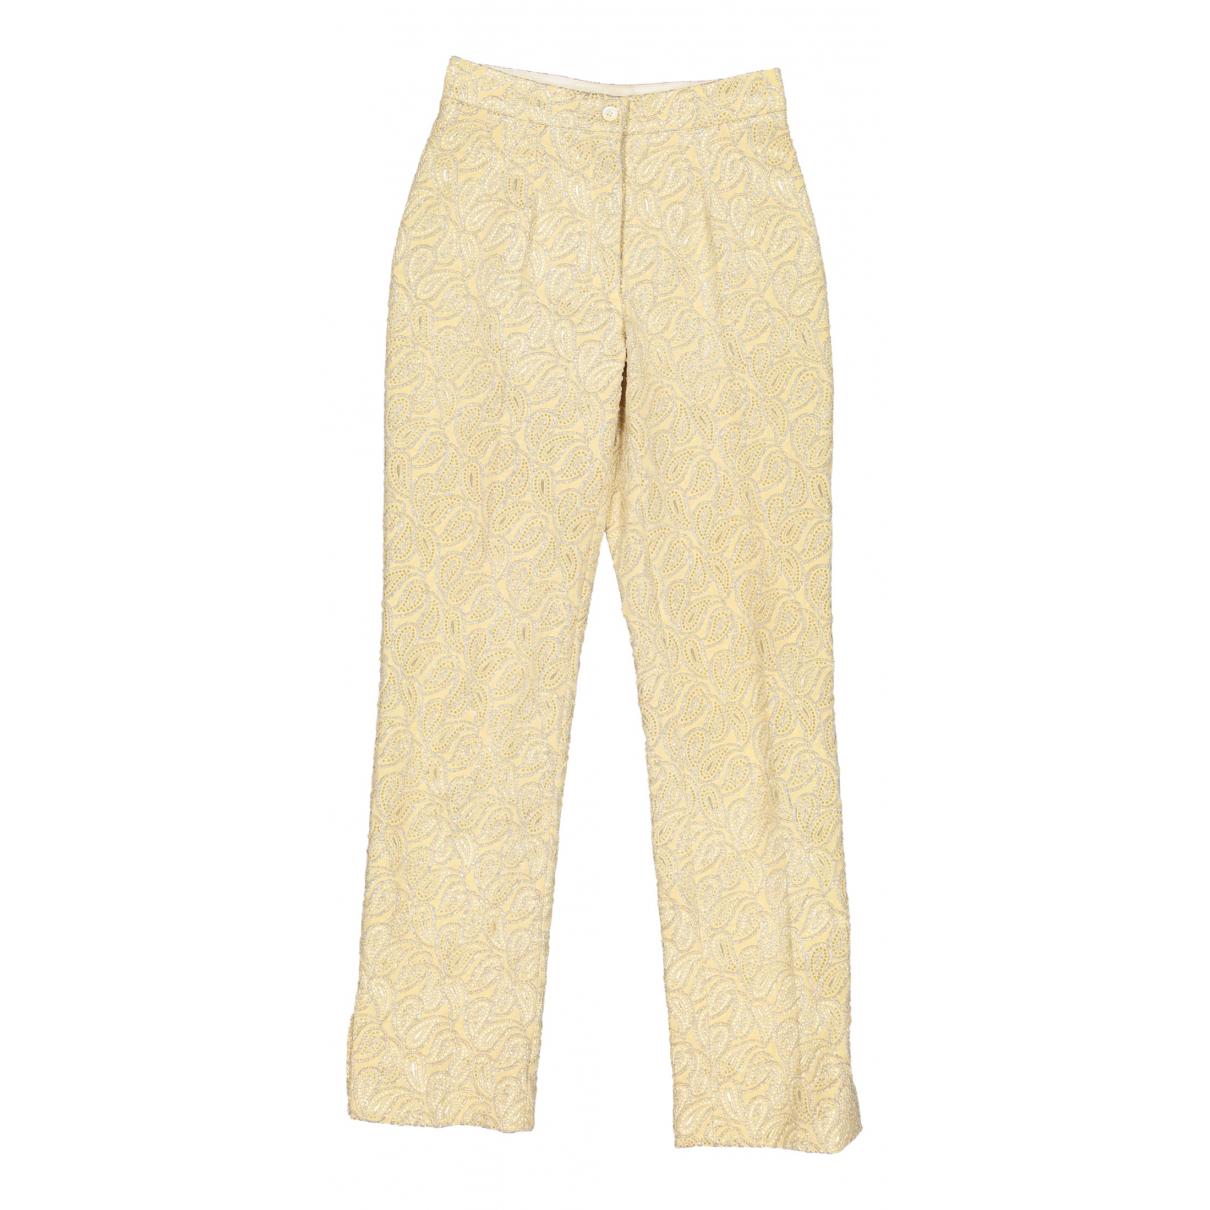 Celine N Ecru Trousers for Women 36 FR